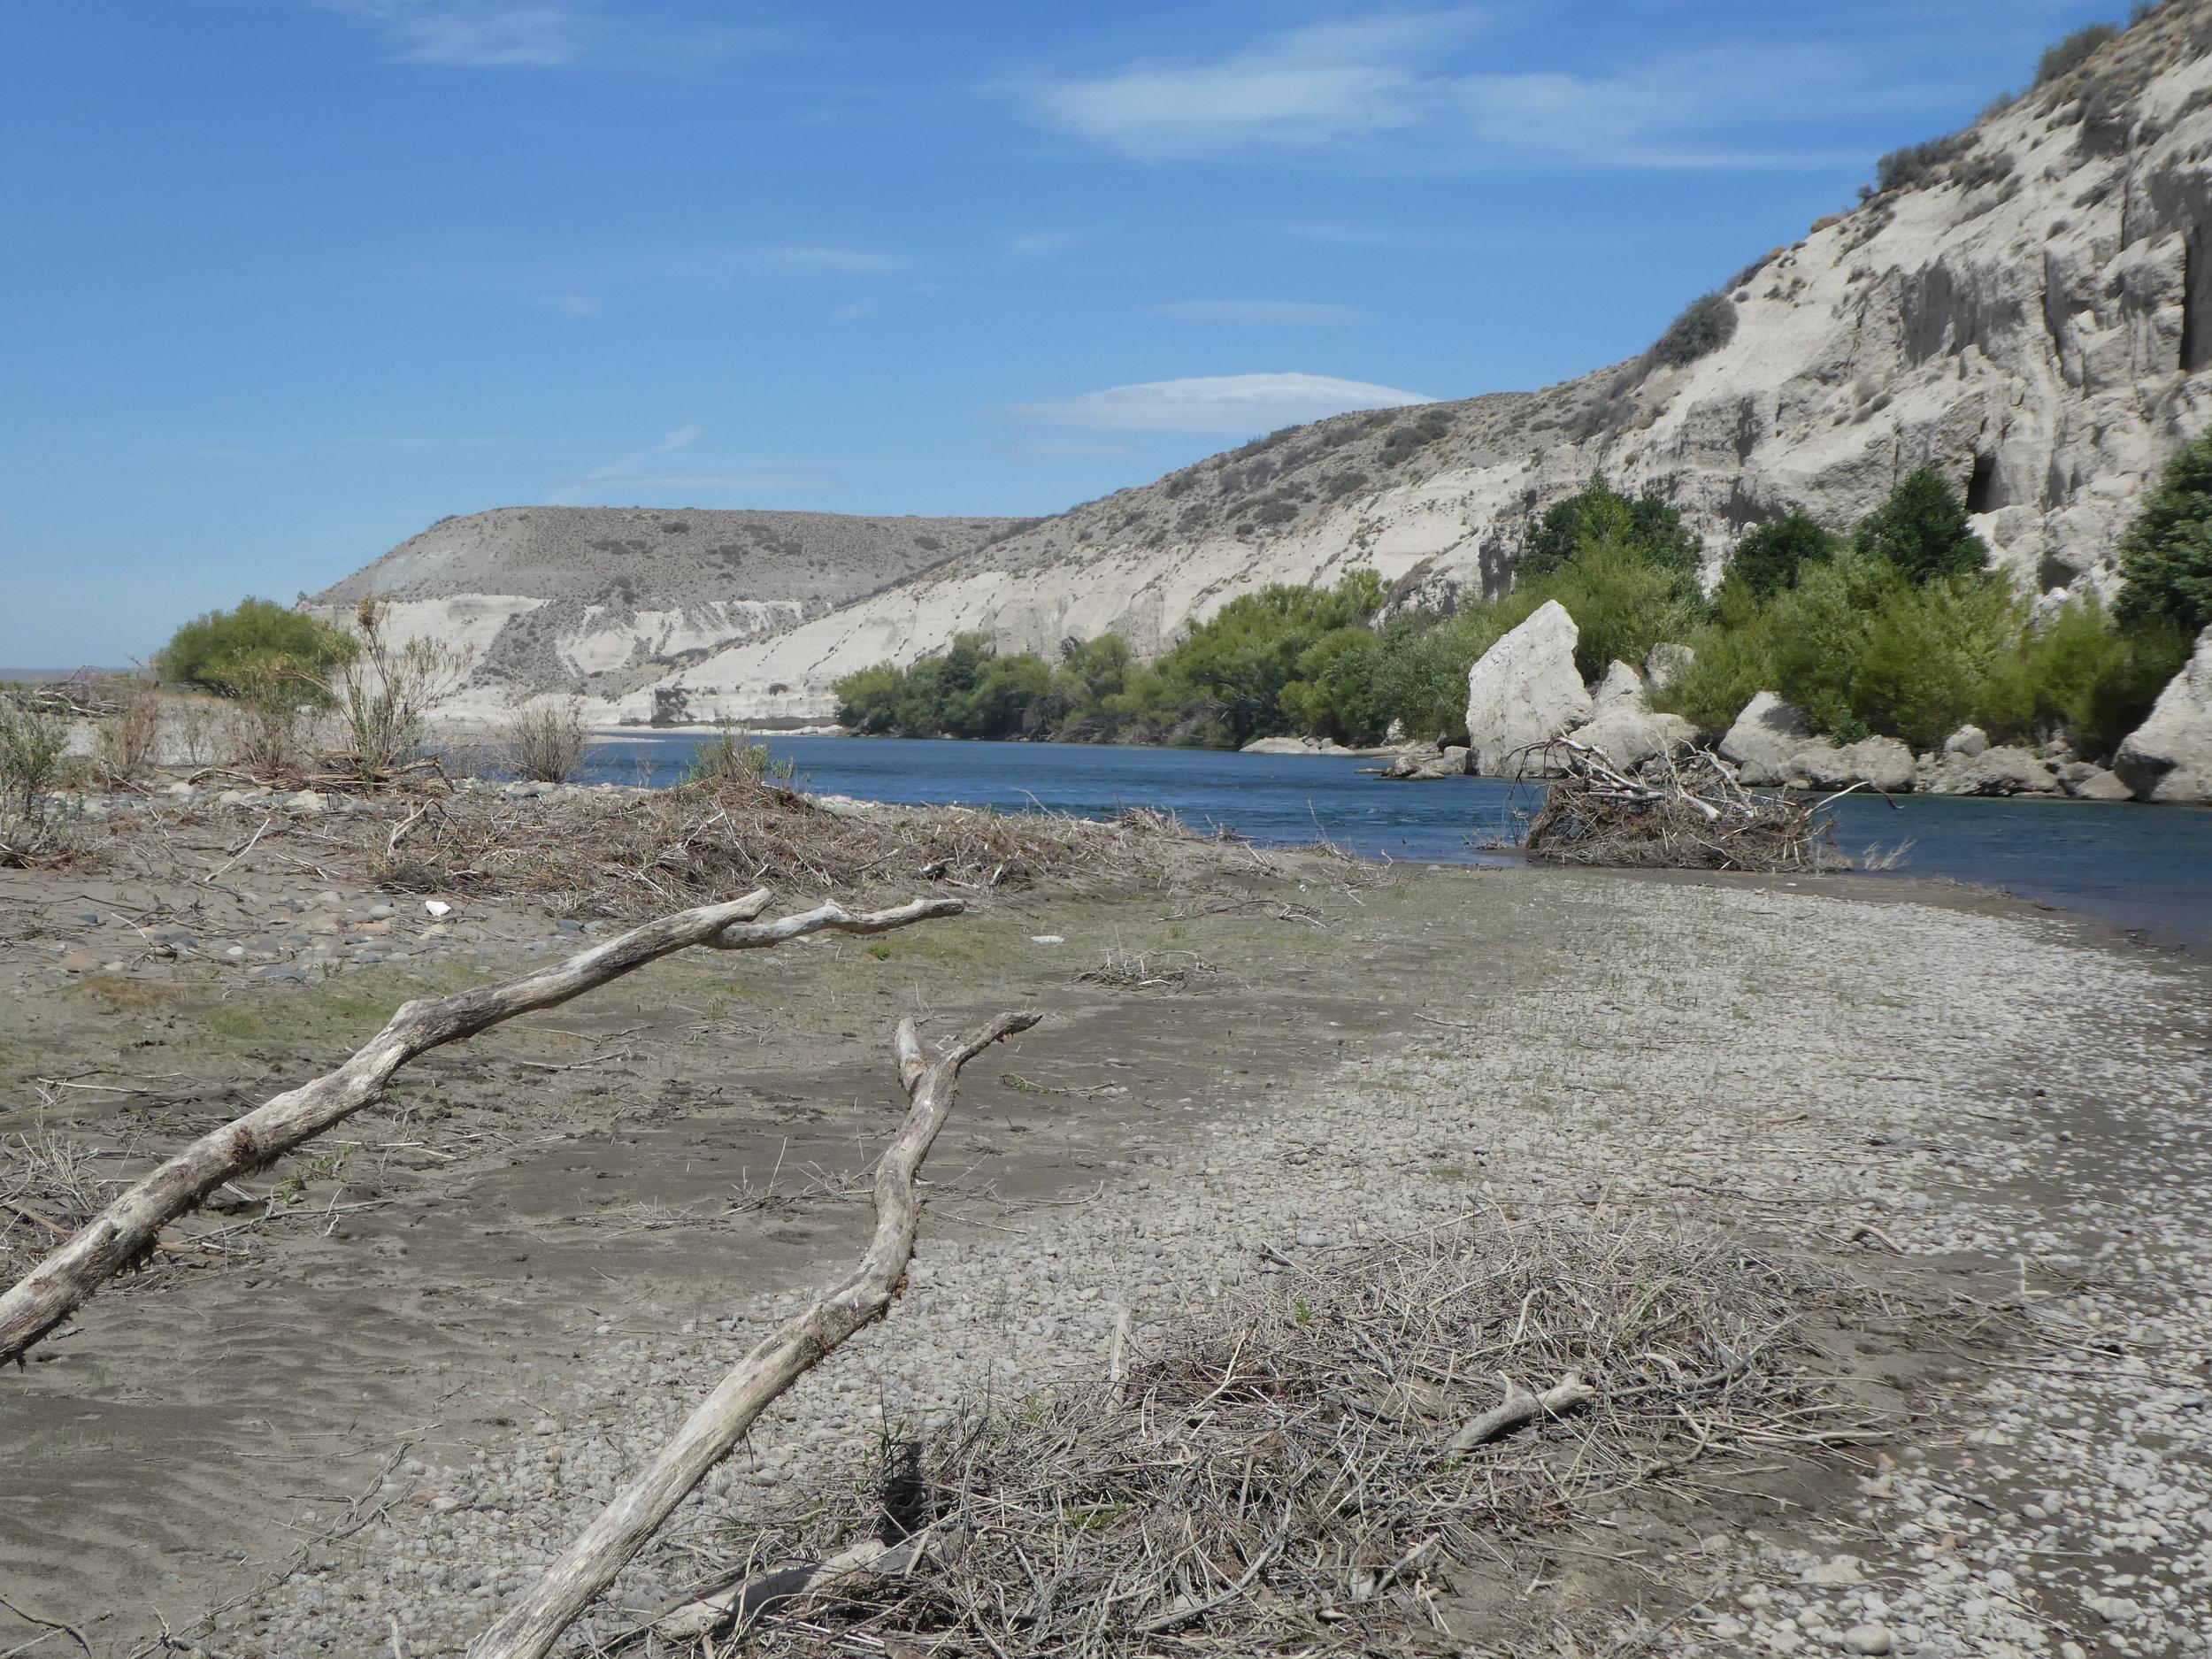 White cliffs along the Rio Collon Cura